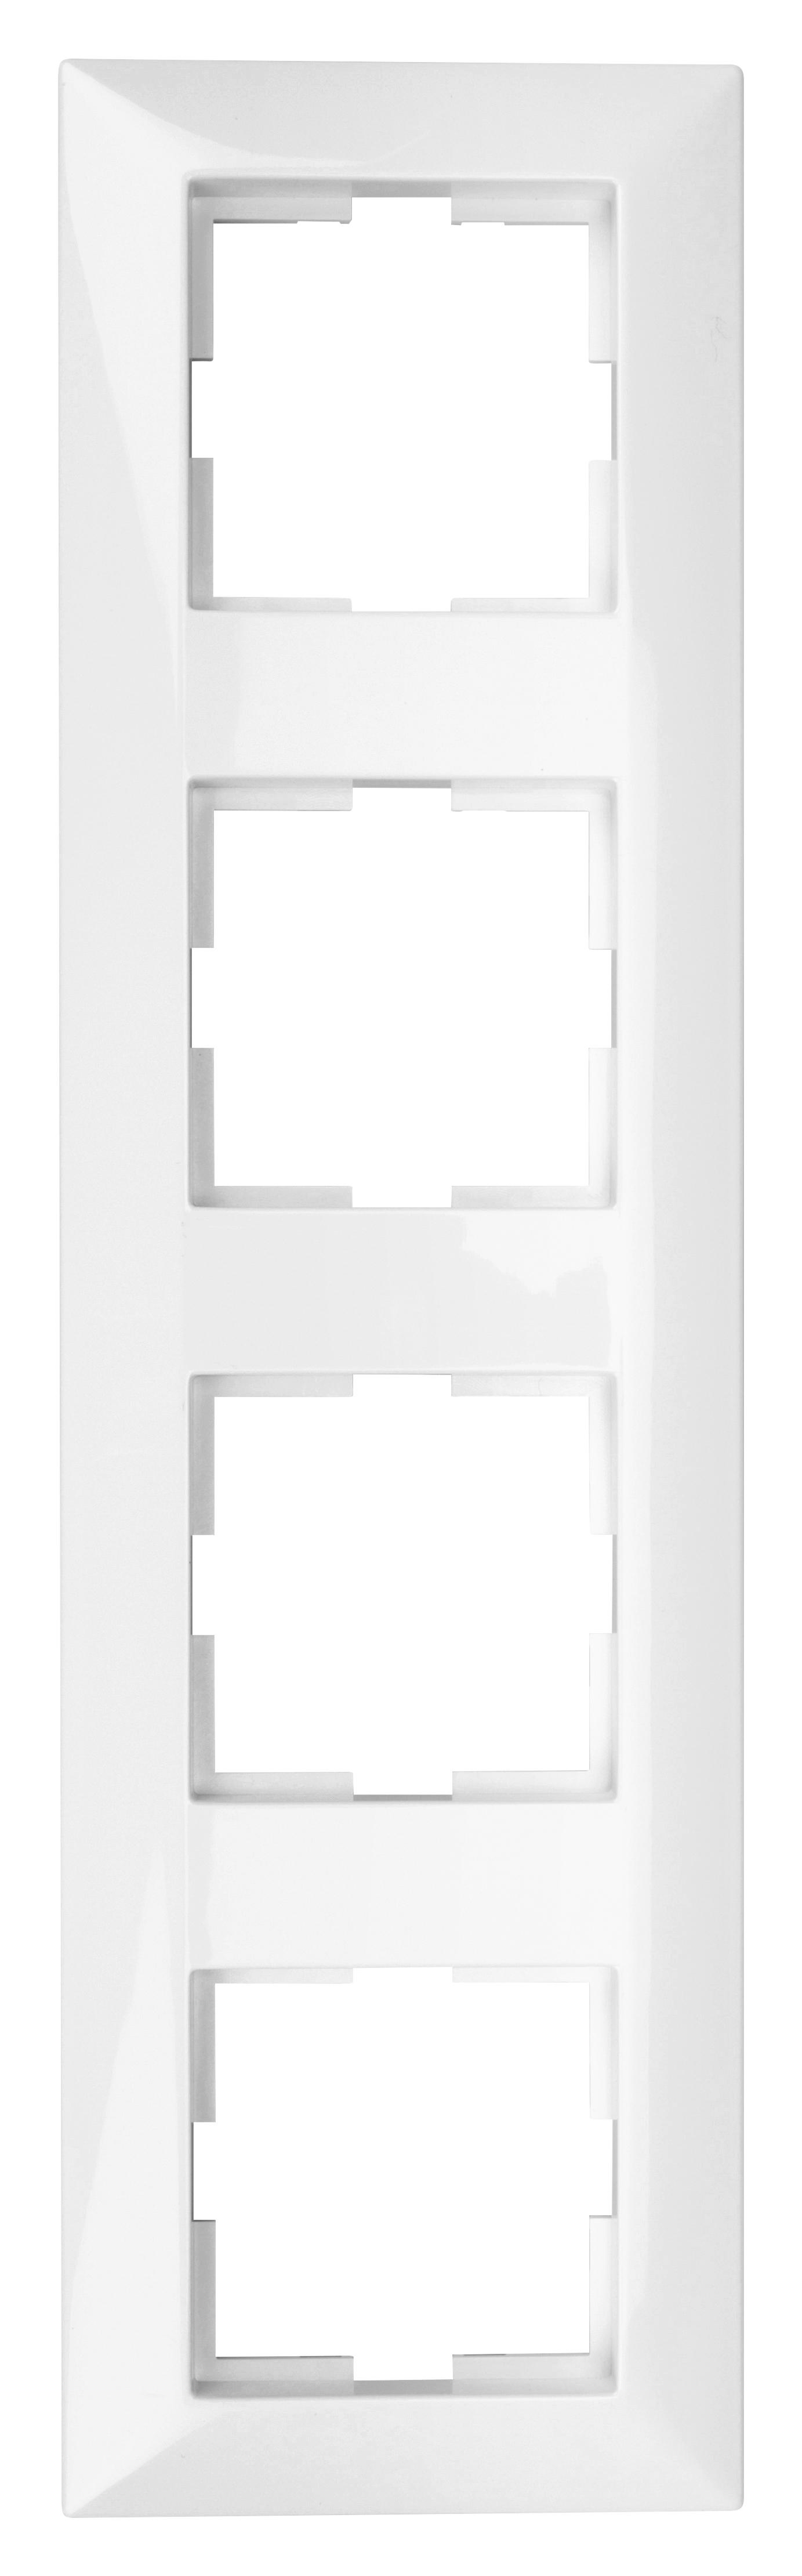 1 Stk Rahmen 4-fach, weiss EV105004--